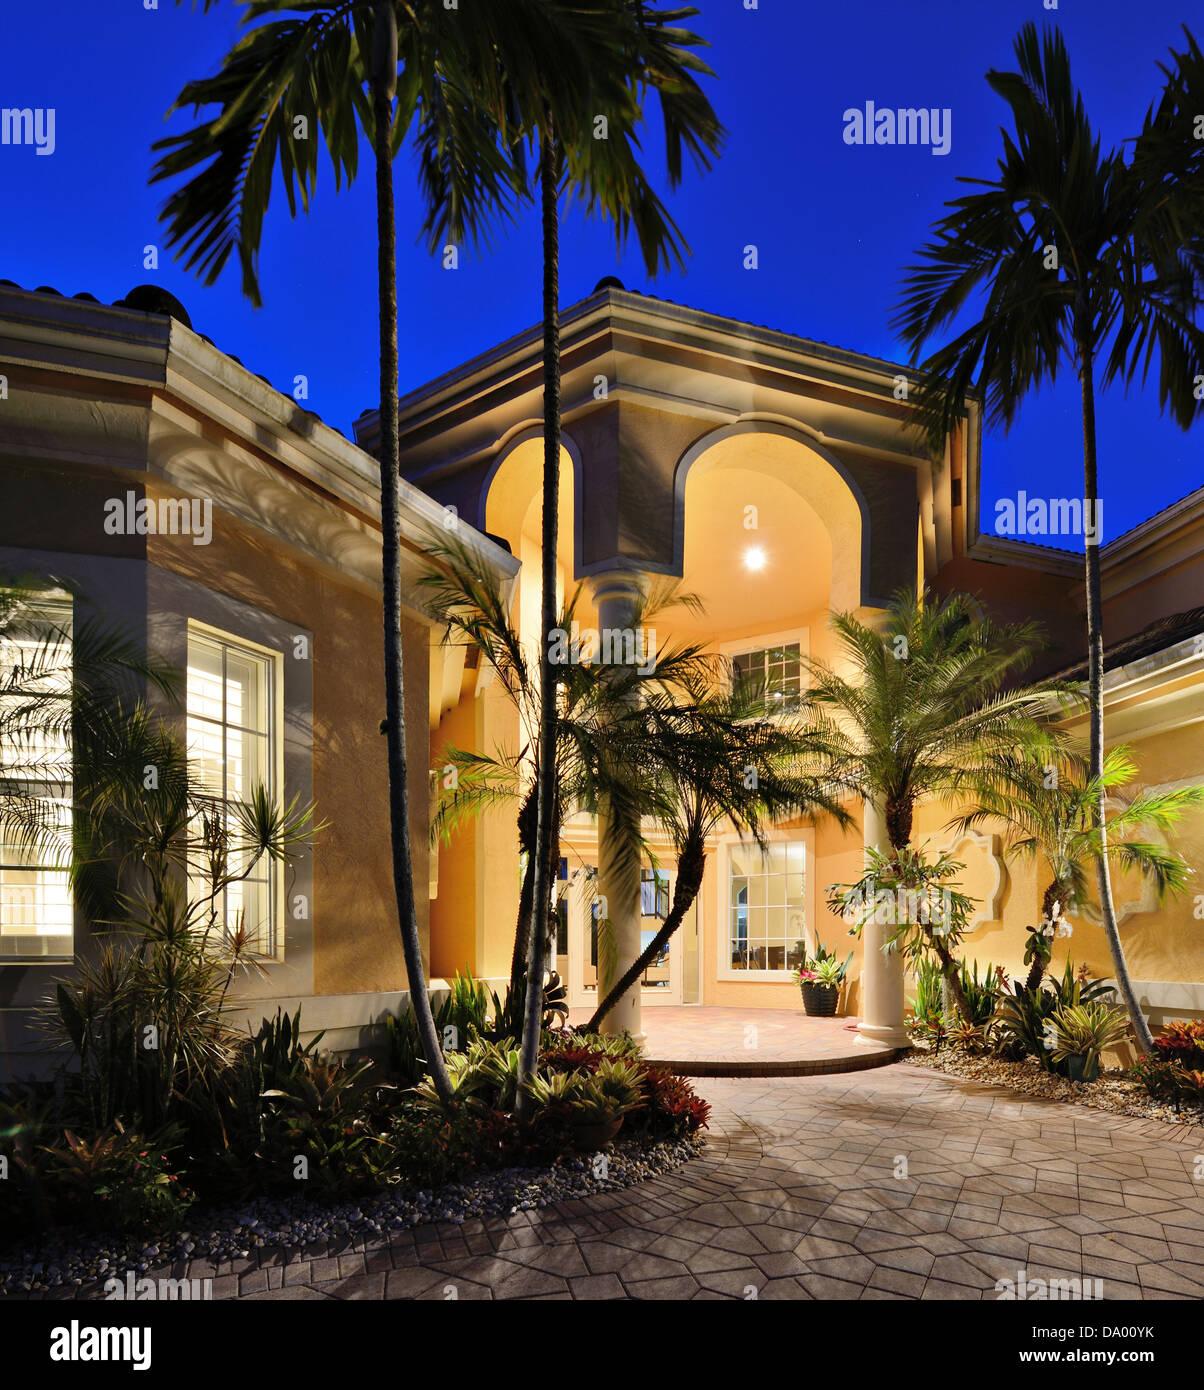 Entrada de mansión en una ubicación tropical. Imagen De Stock